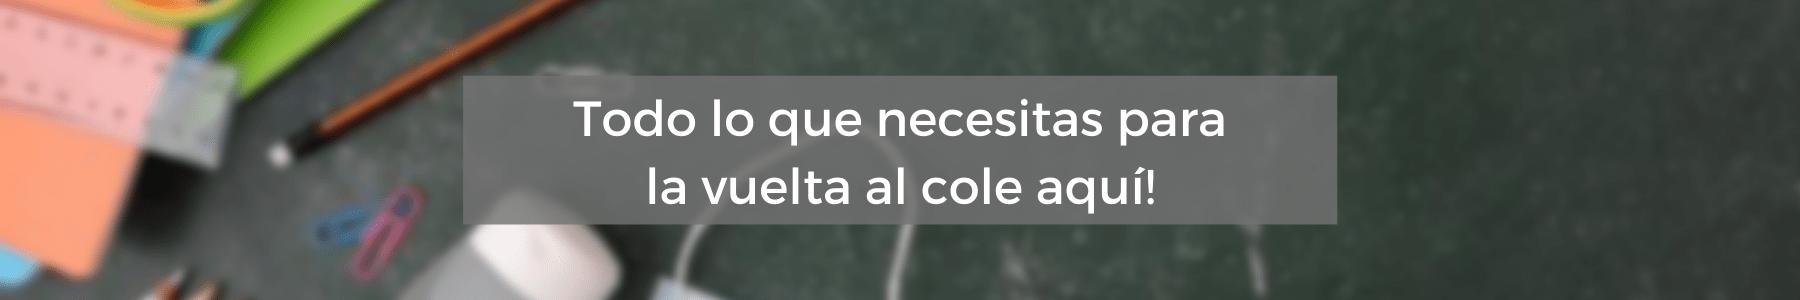 TODO LO QUE NECESITAS REV02 (1)